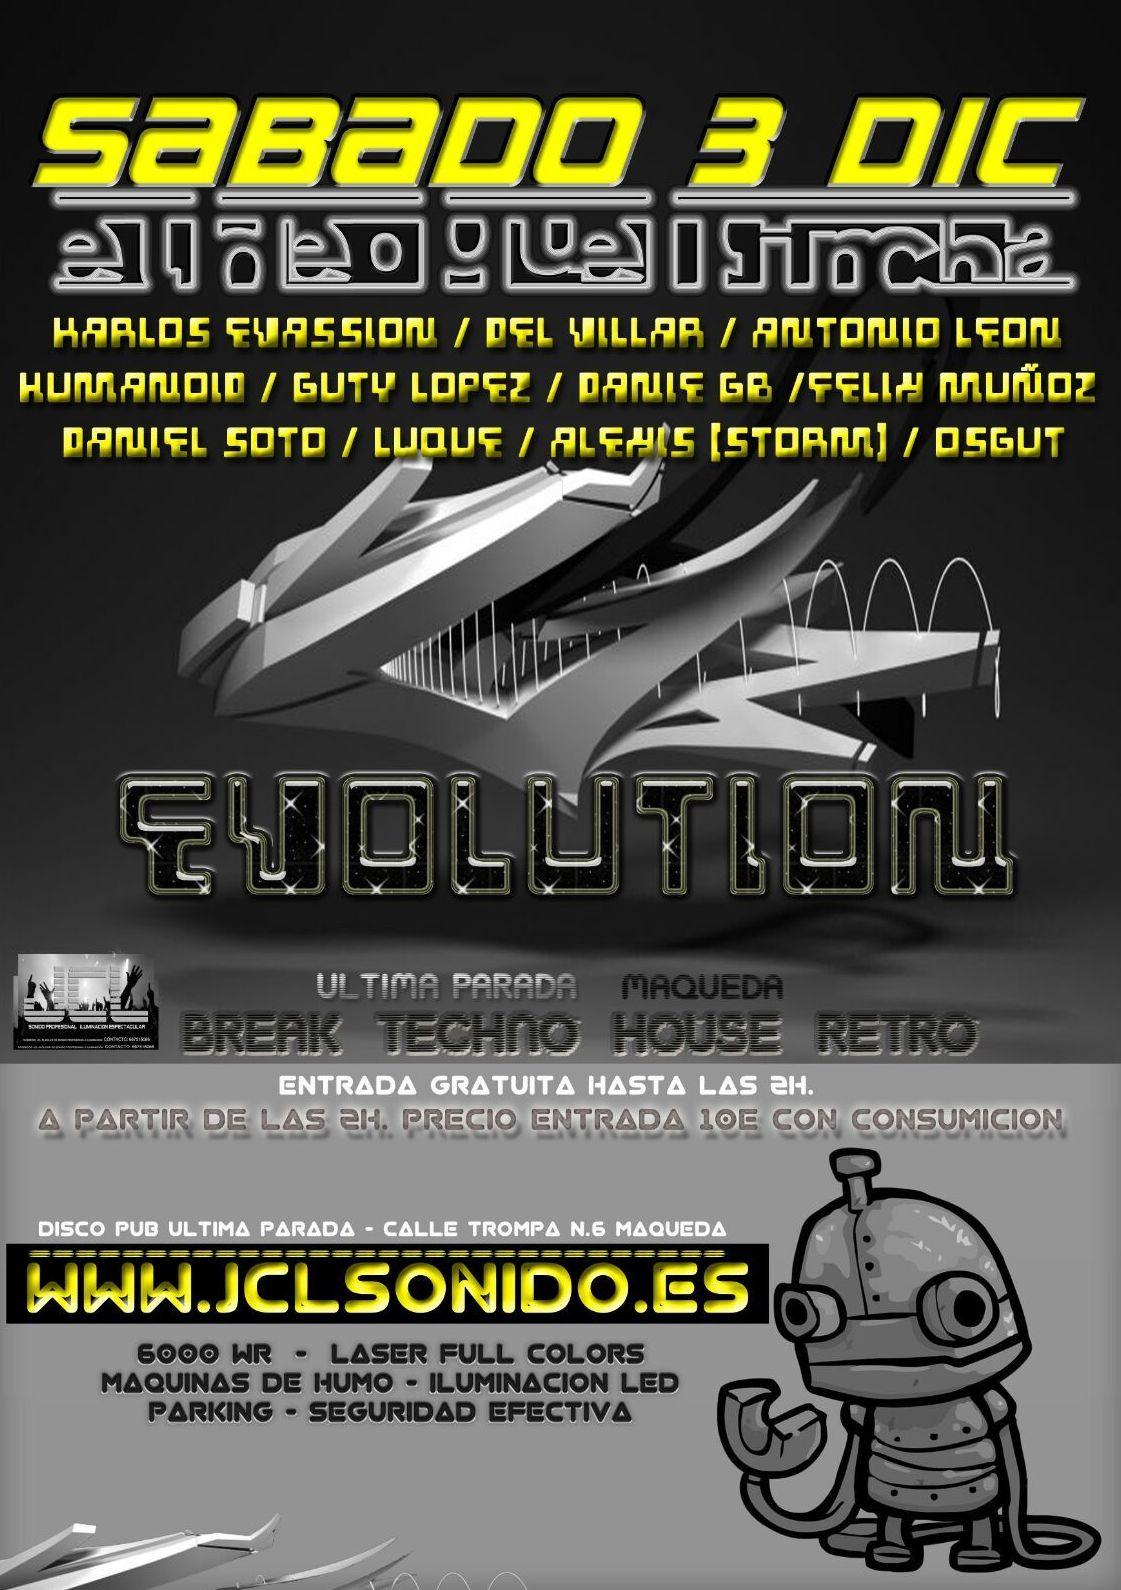 Foto 20 de Alquiler de sonido profesional e iluminación para todo tipo de eventos en Málaga | JCL Alquiler de sonido